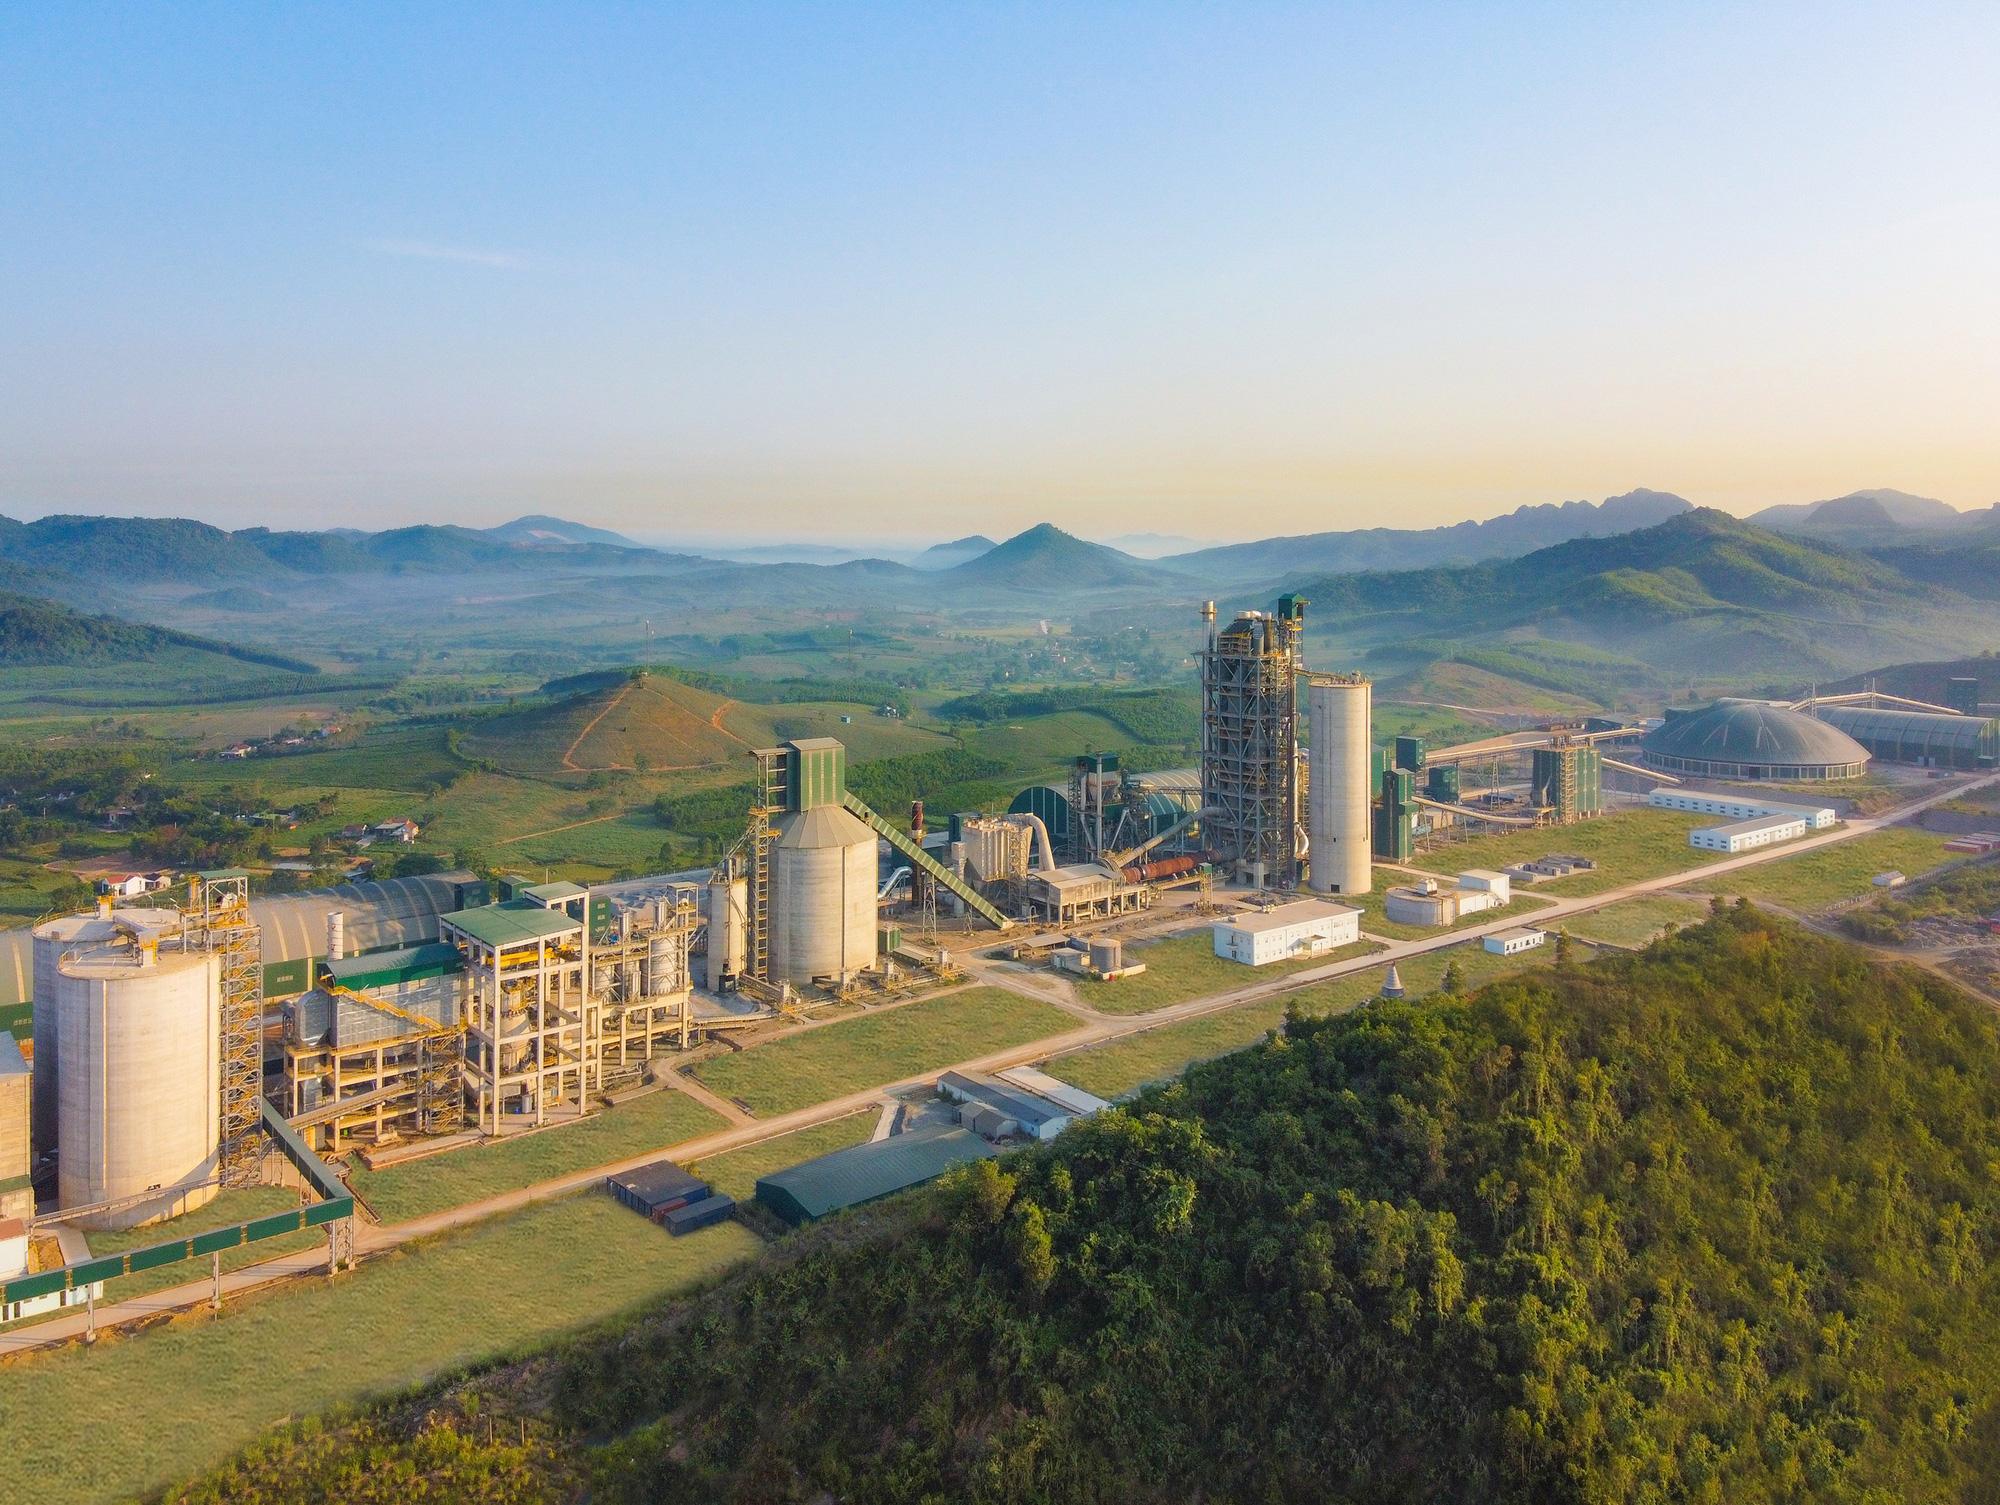 Khám phá công nghệ sản xuất xanh hiện đại bậc nhất của xi măng Tân Thắng - Ảnh 11.